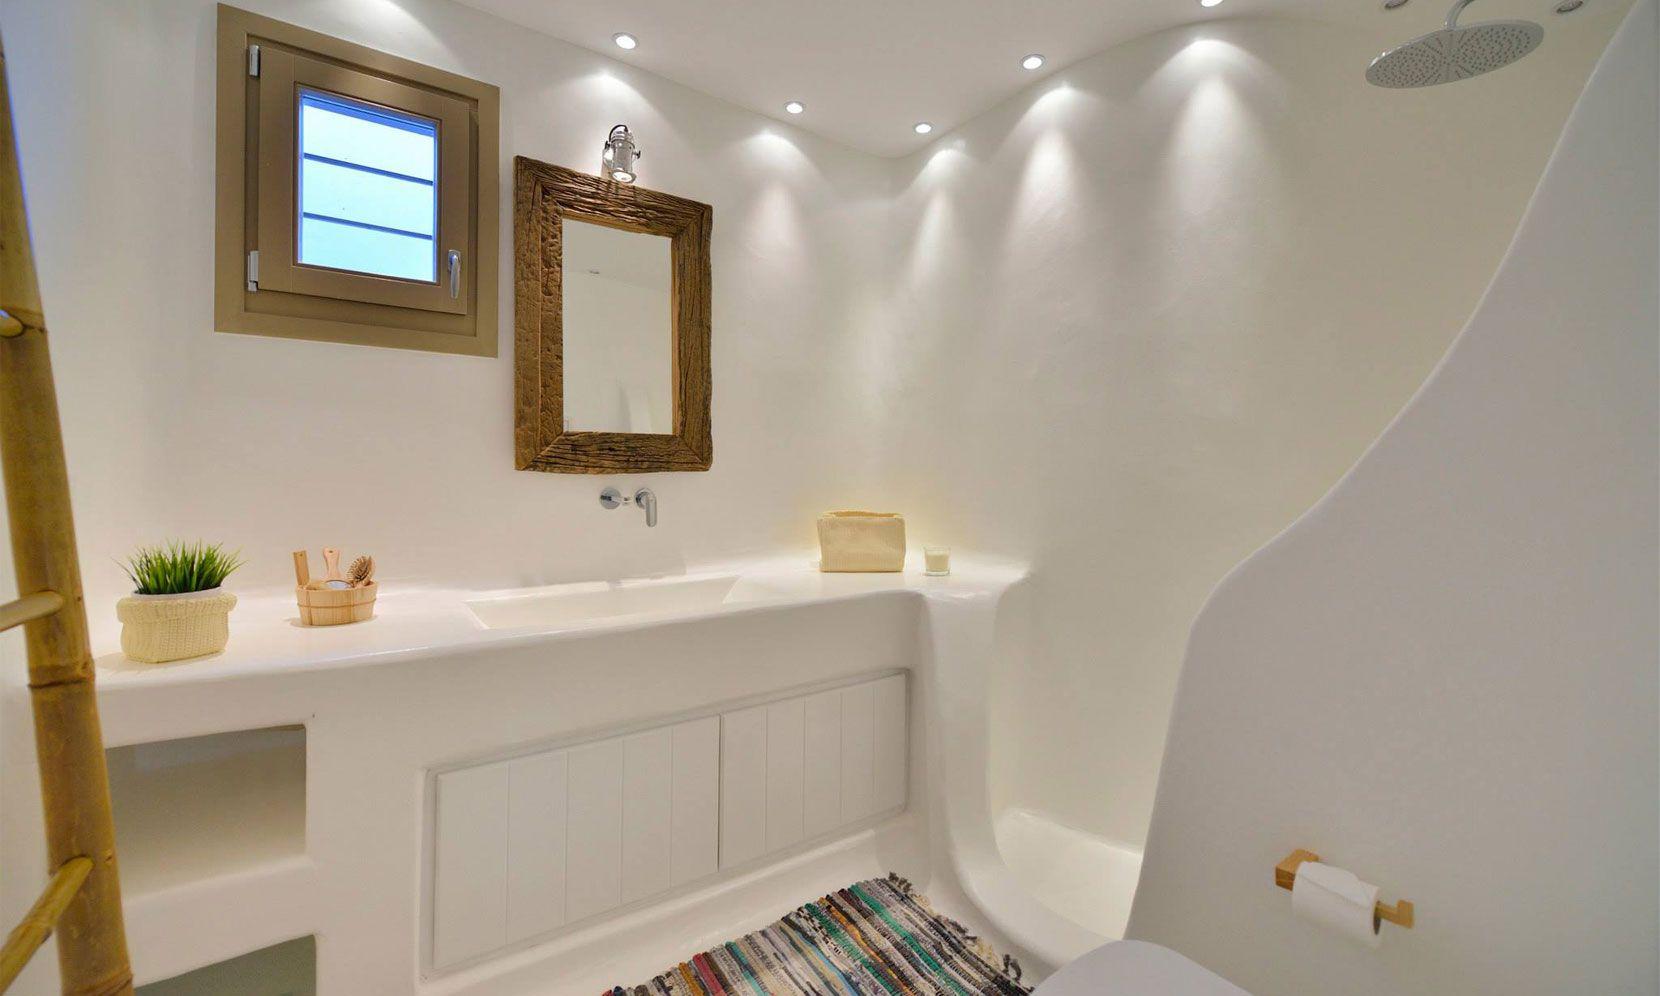 villa lucio mykonos shower